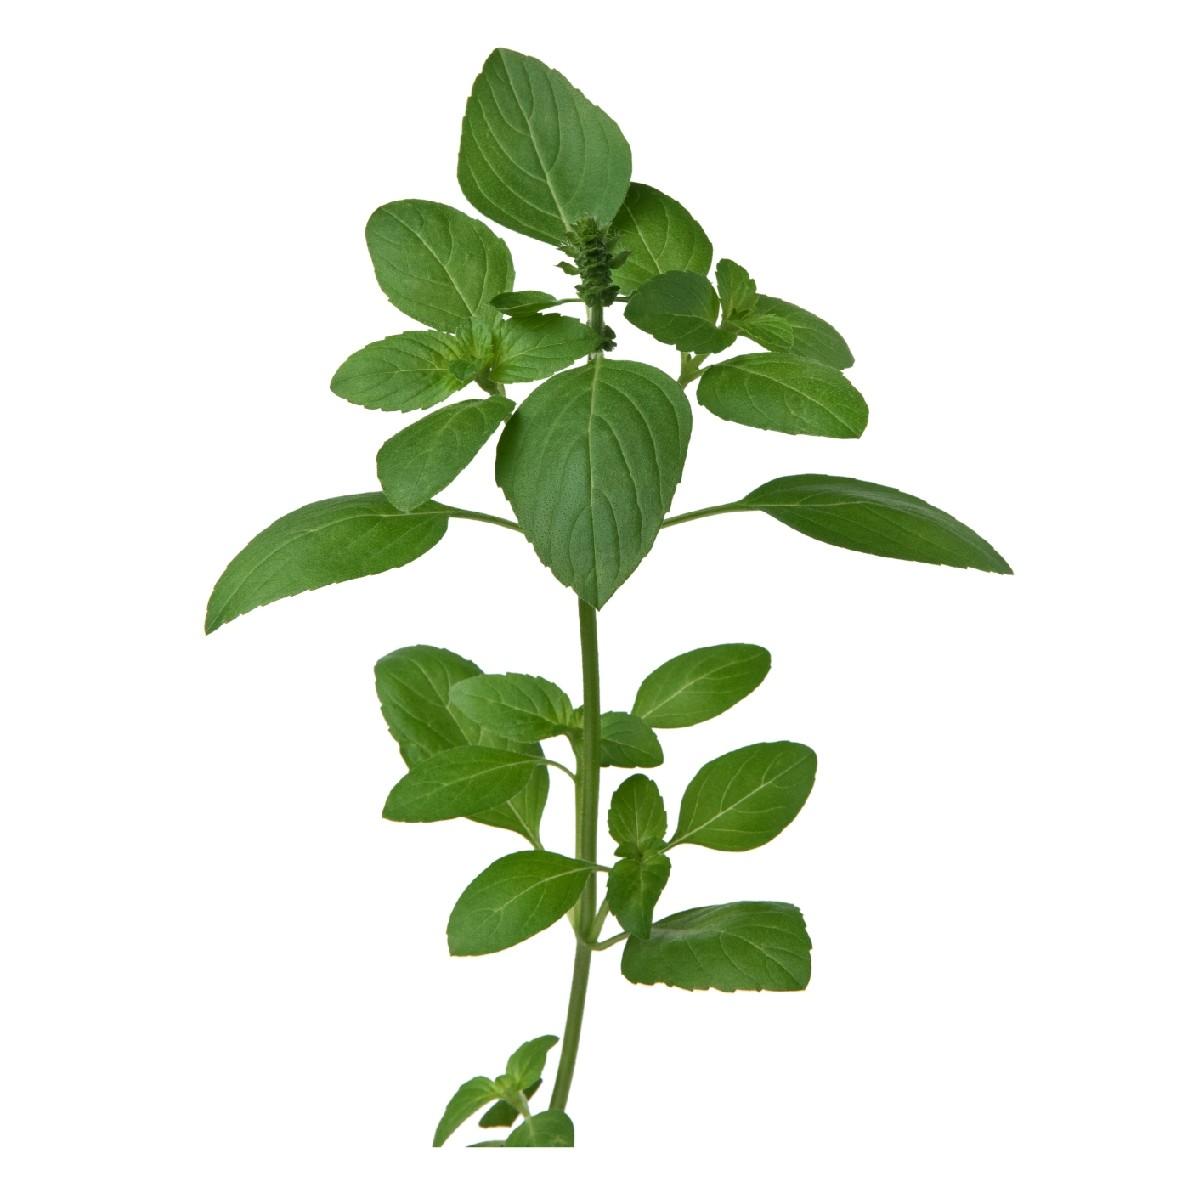 Sementes para plantar Manjericão Alfavaca Verde em vasos autoirrigáveis RAIZ  - Vasos Raiz Loja Oficial